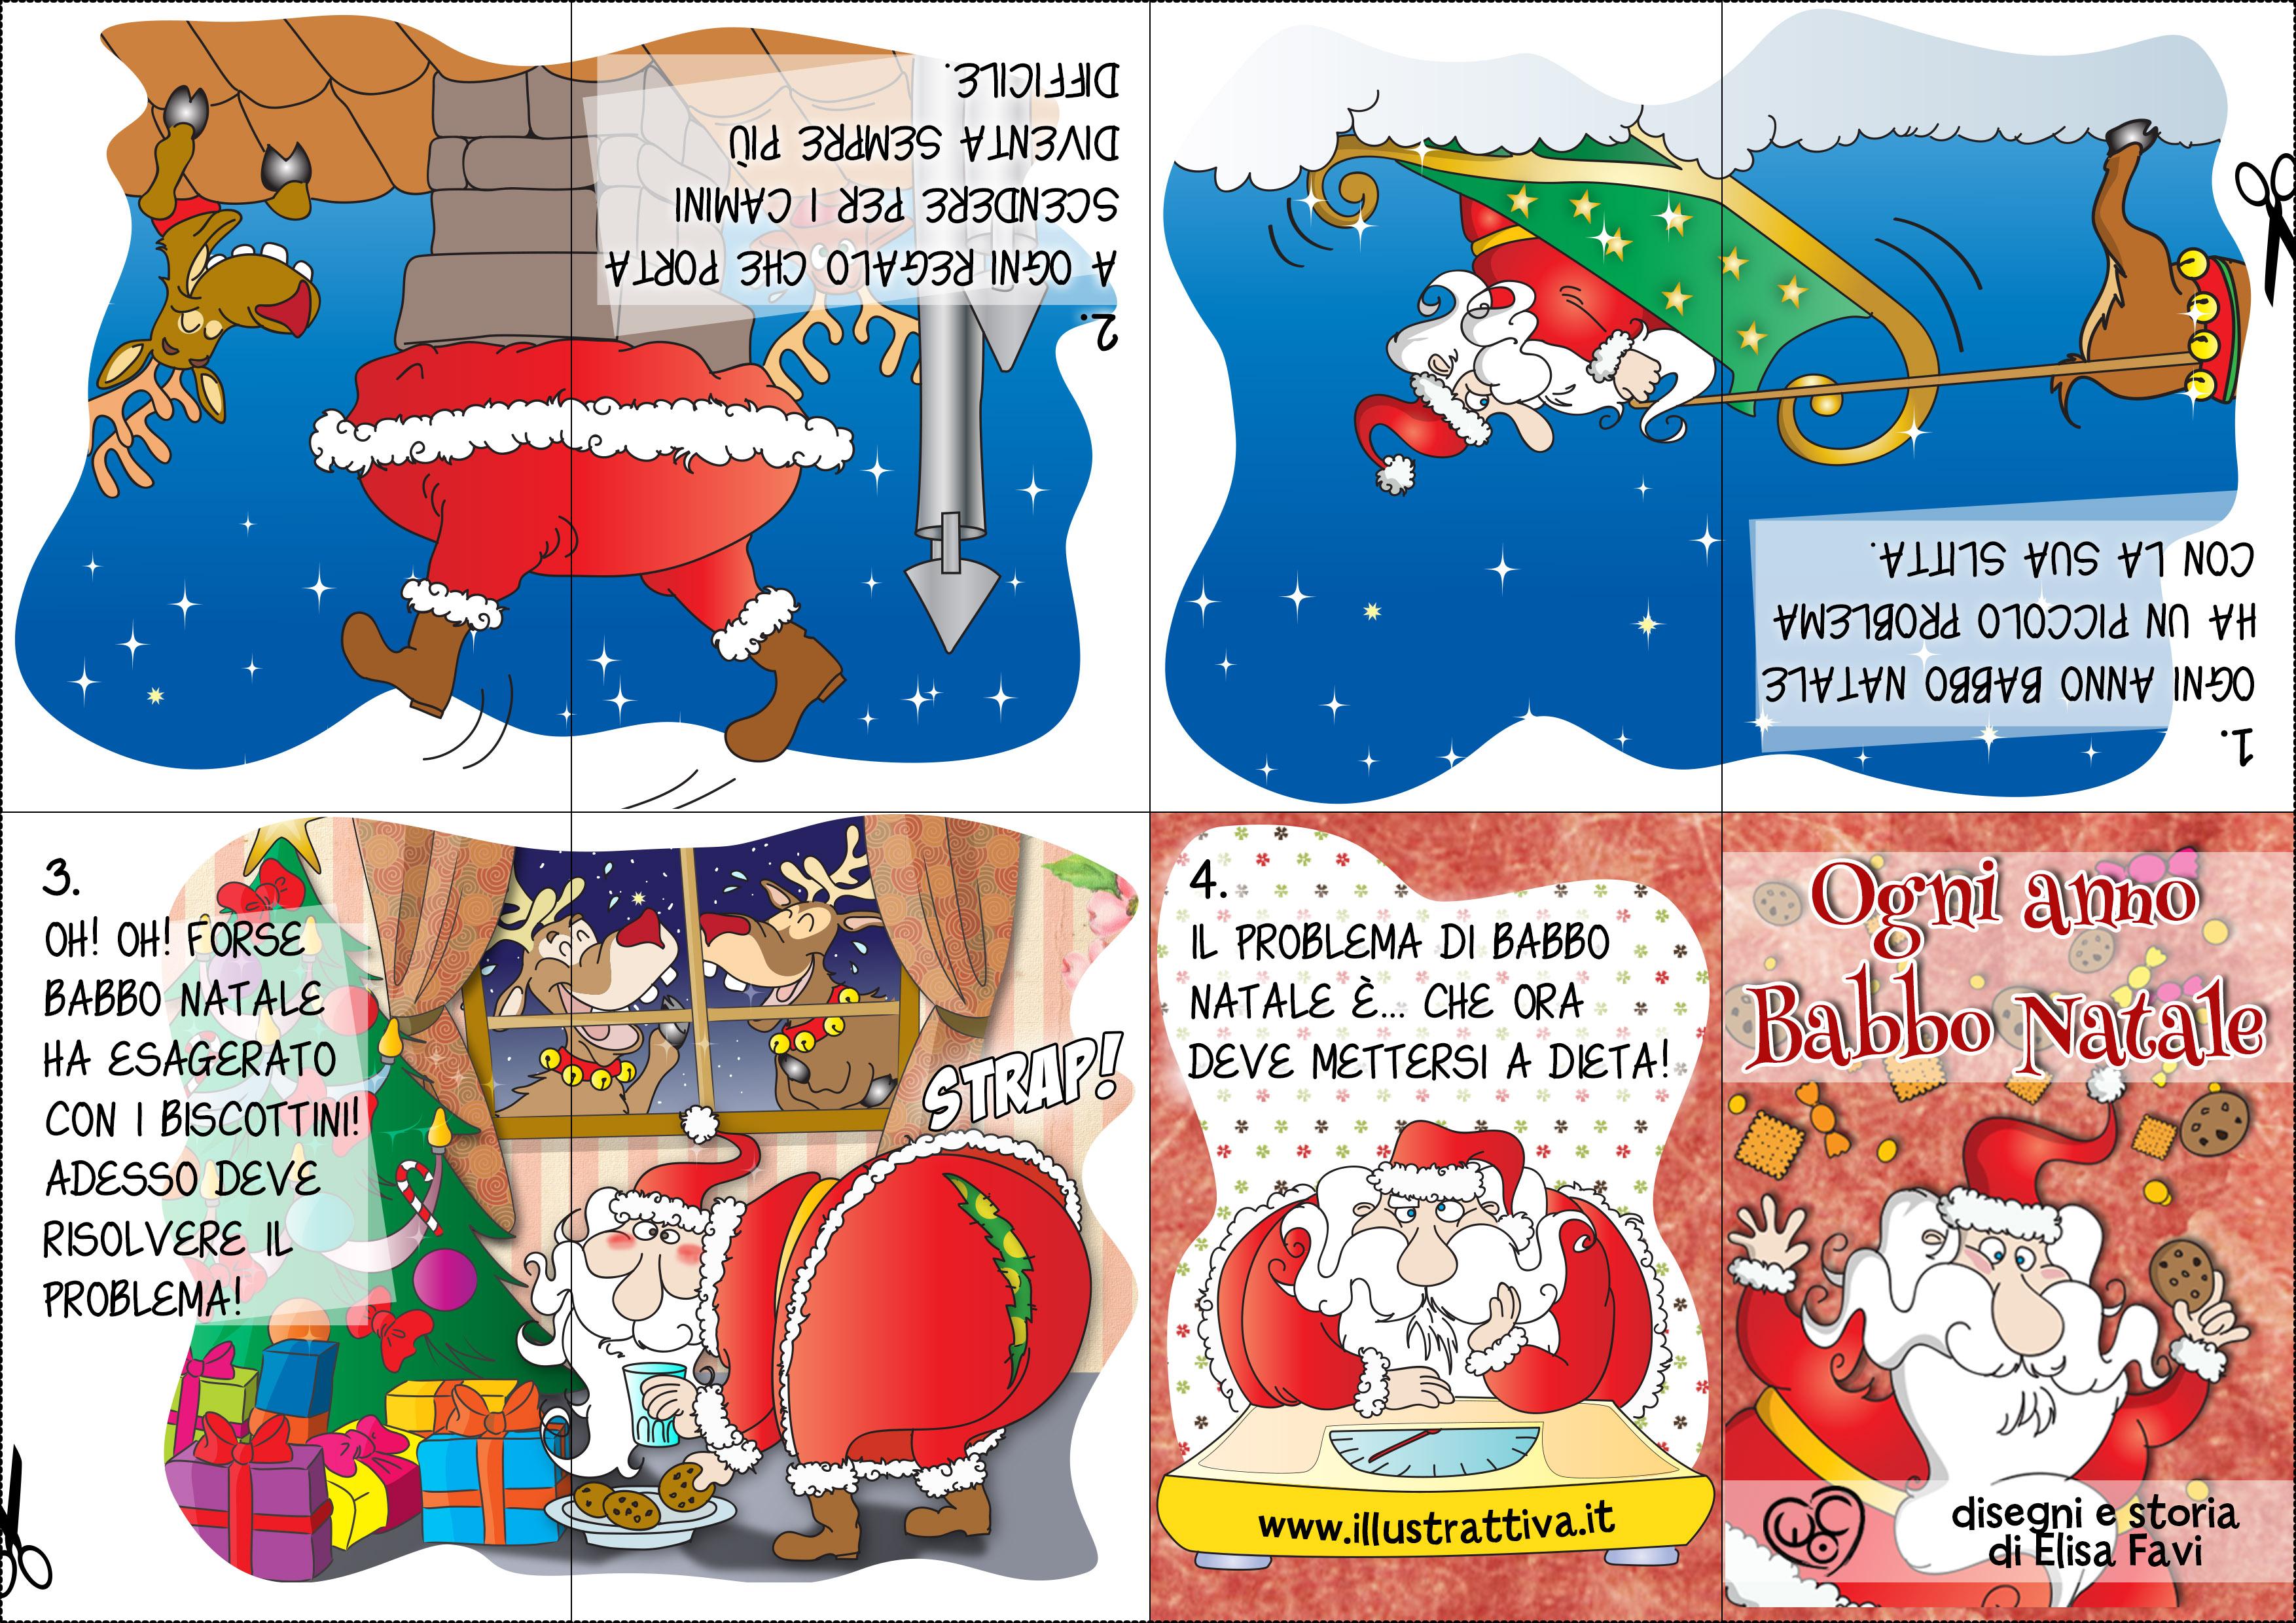 Buffo Natale, Un piccolo libro da stampare e da costruire. Ti è piaciuta la storia di babbo Natale e il suo problema? Fanne un mini-libro origami di 6 pagine!